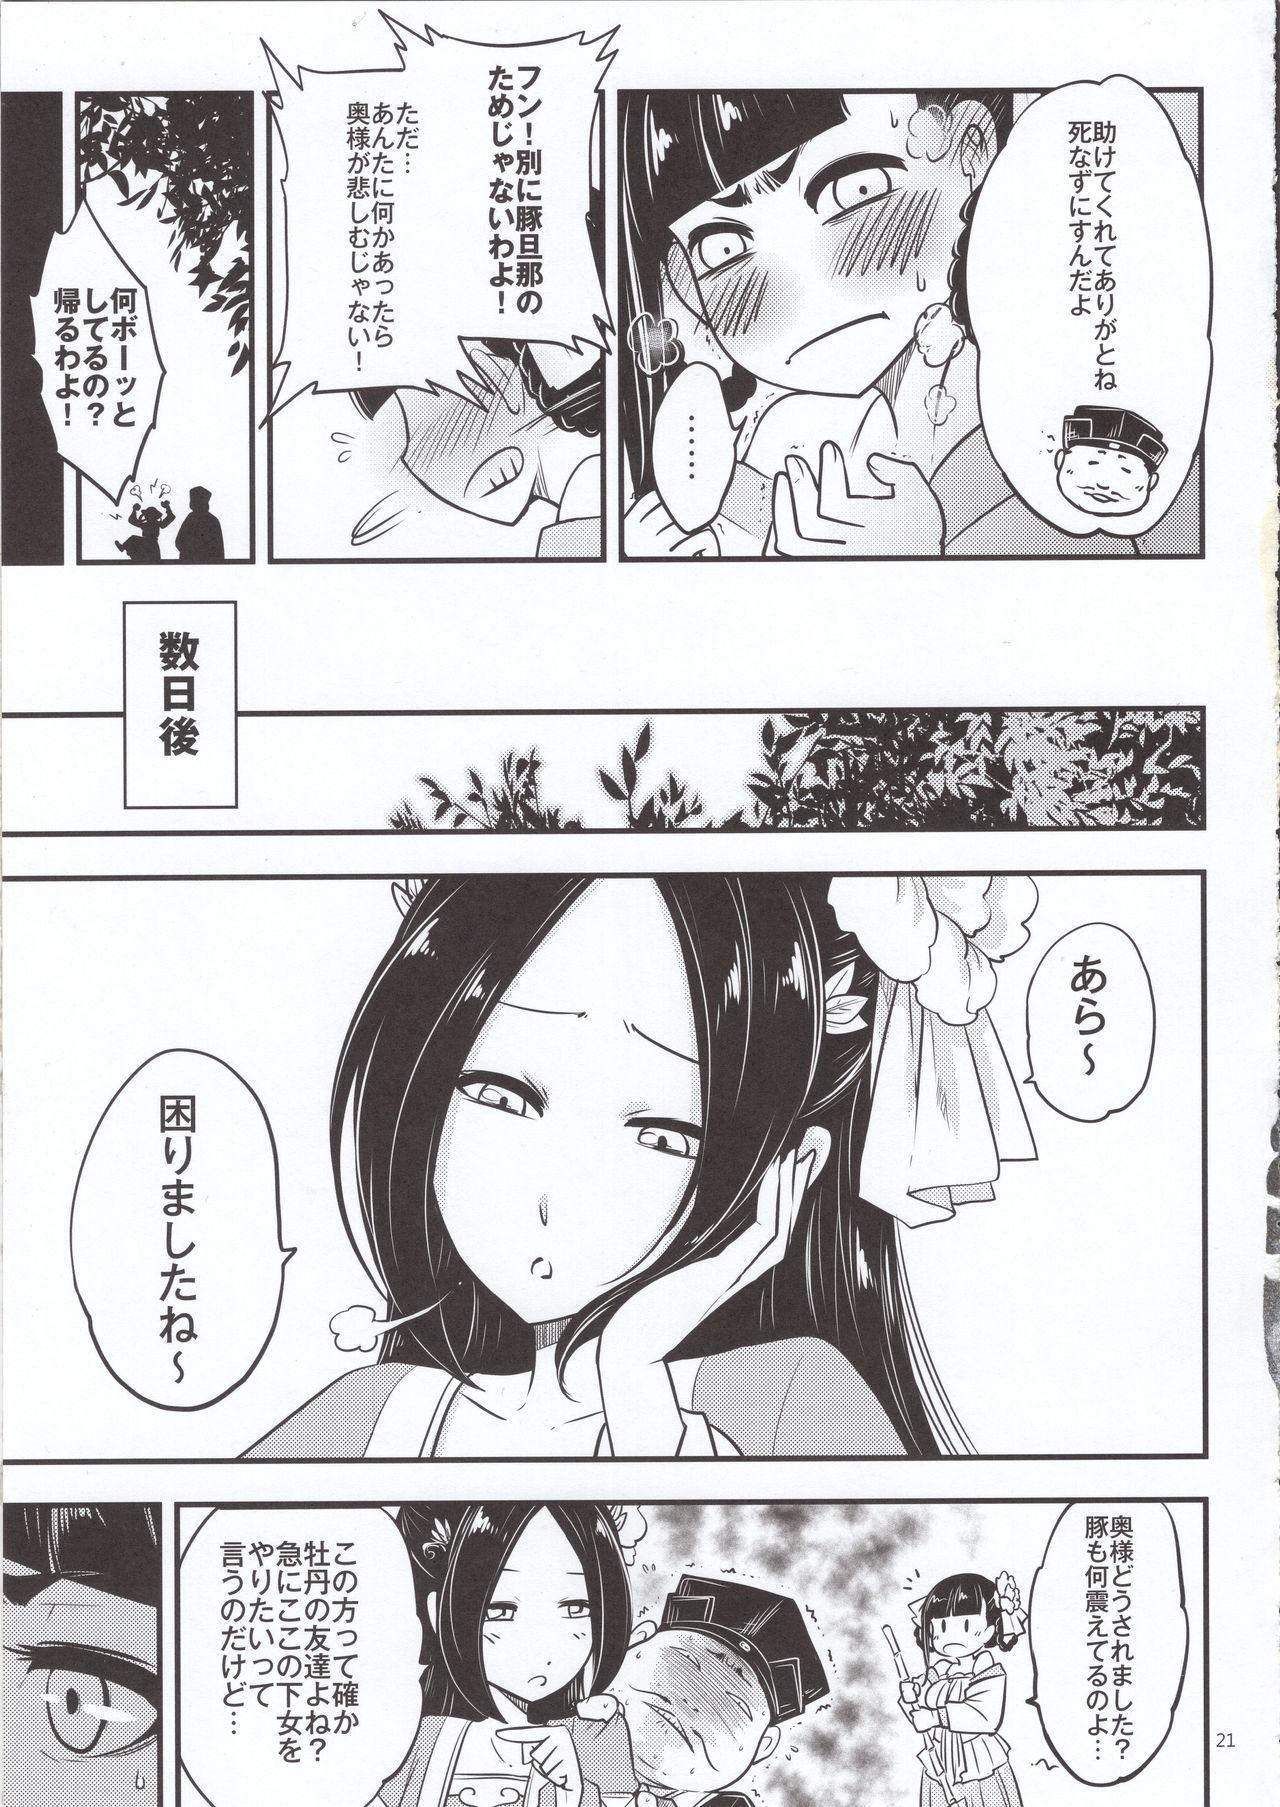 Hyakkasou4 《Akahitomiyasha, tosuisen no kyofu》 21